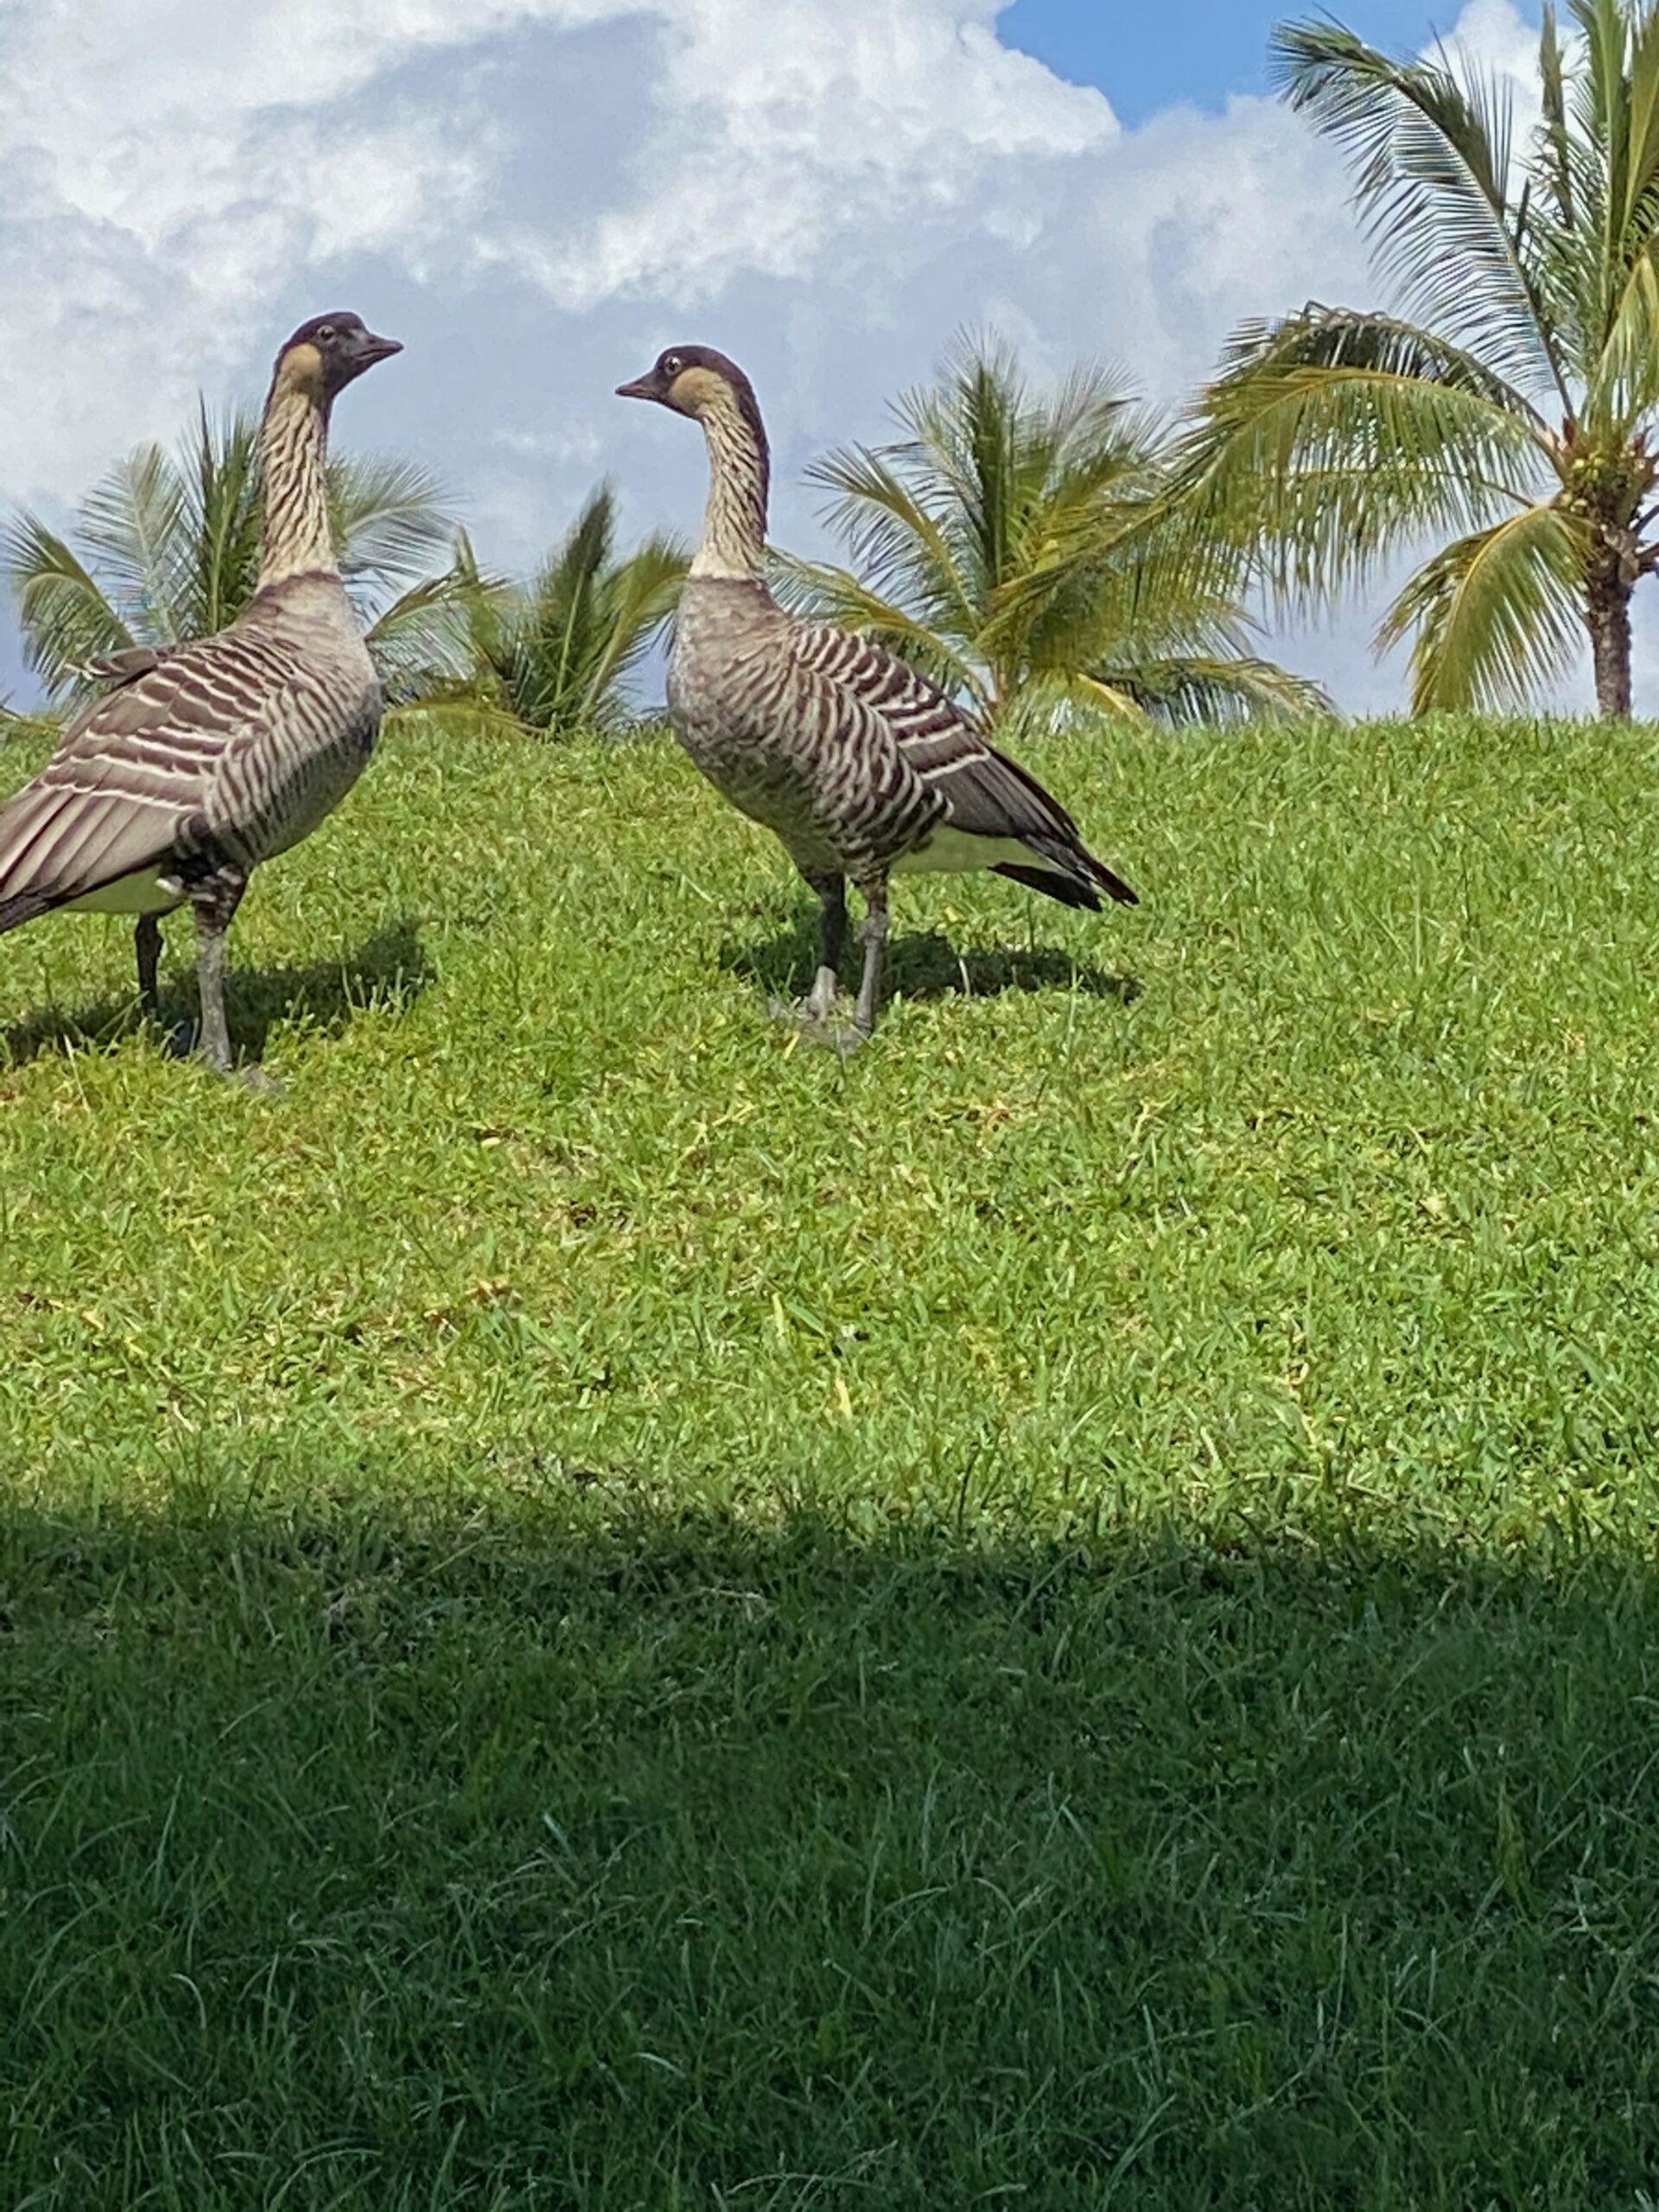 Nene, Hawaii's Stae Bird